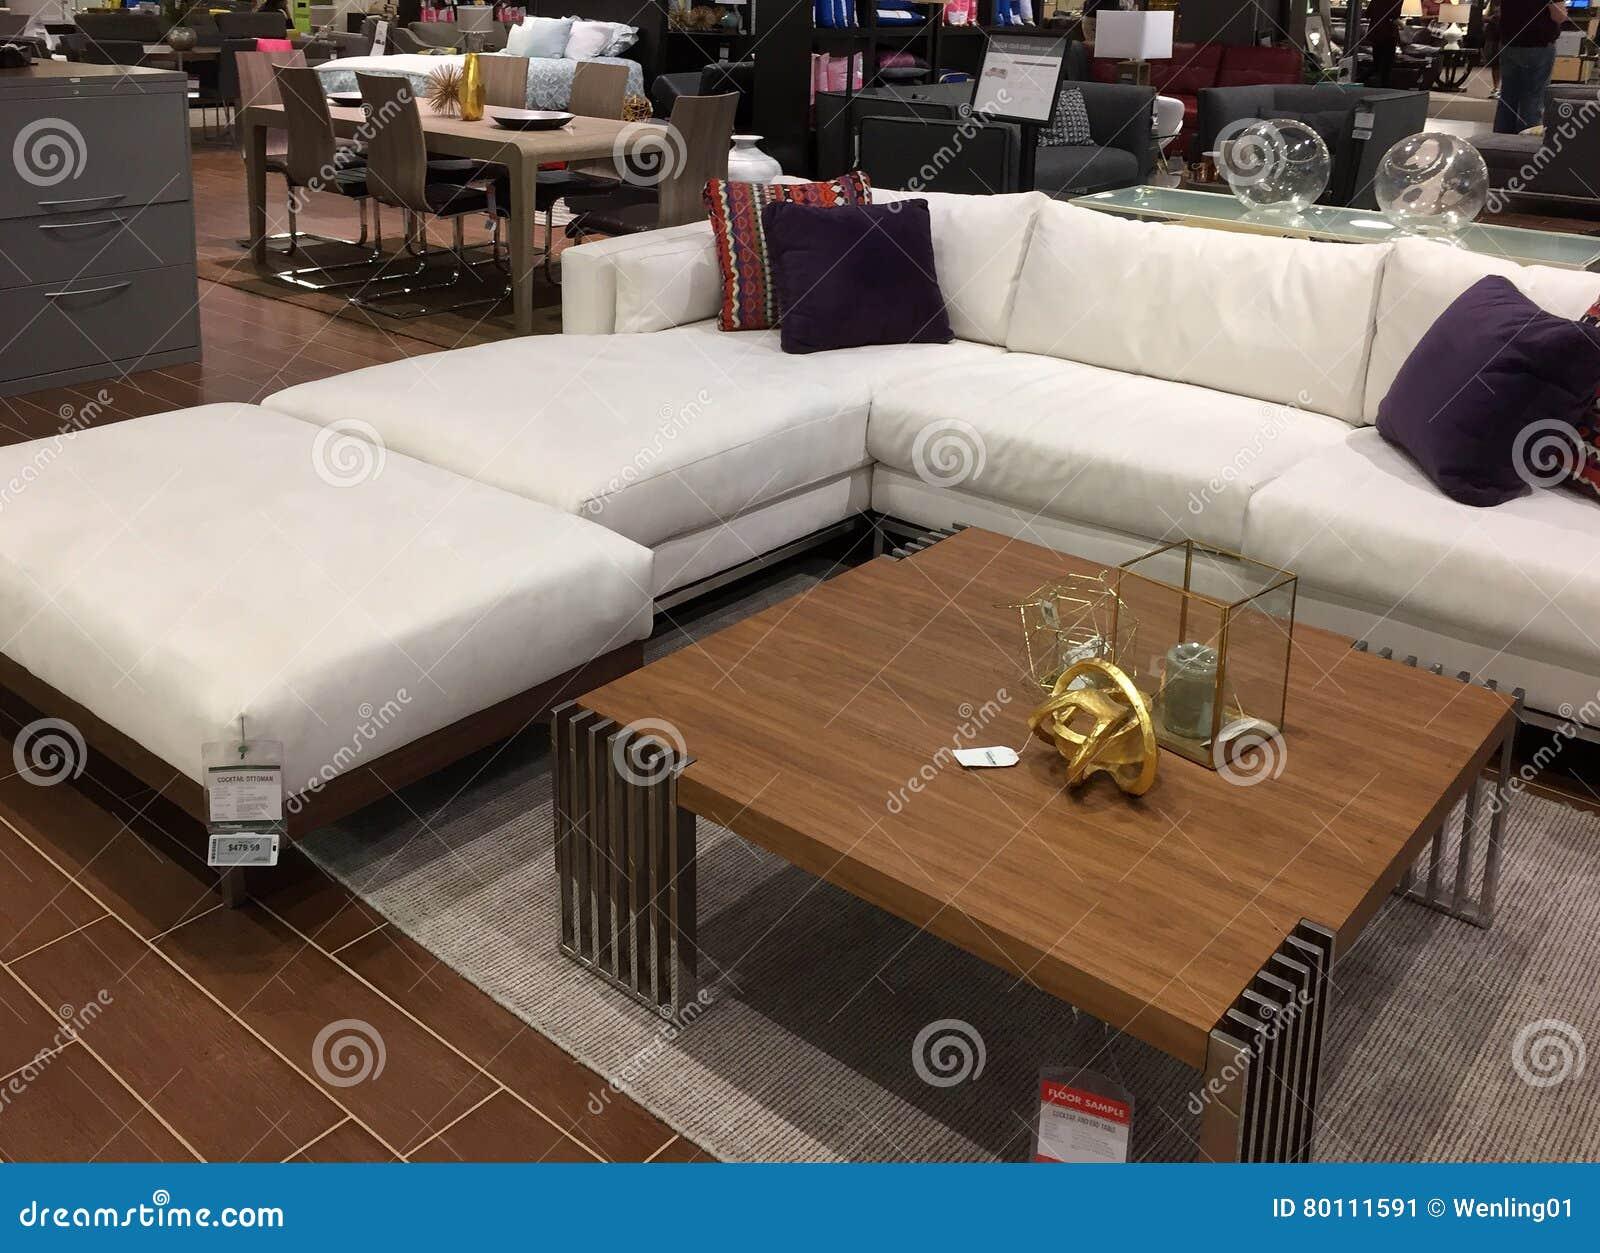 modern furniture sale architecture modern idea u2022 rh purple echodigitalmedia co uk